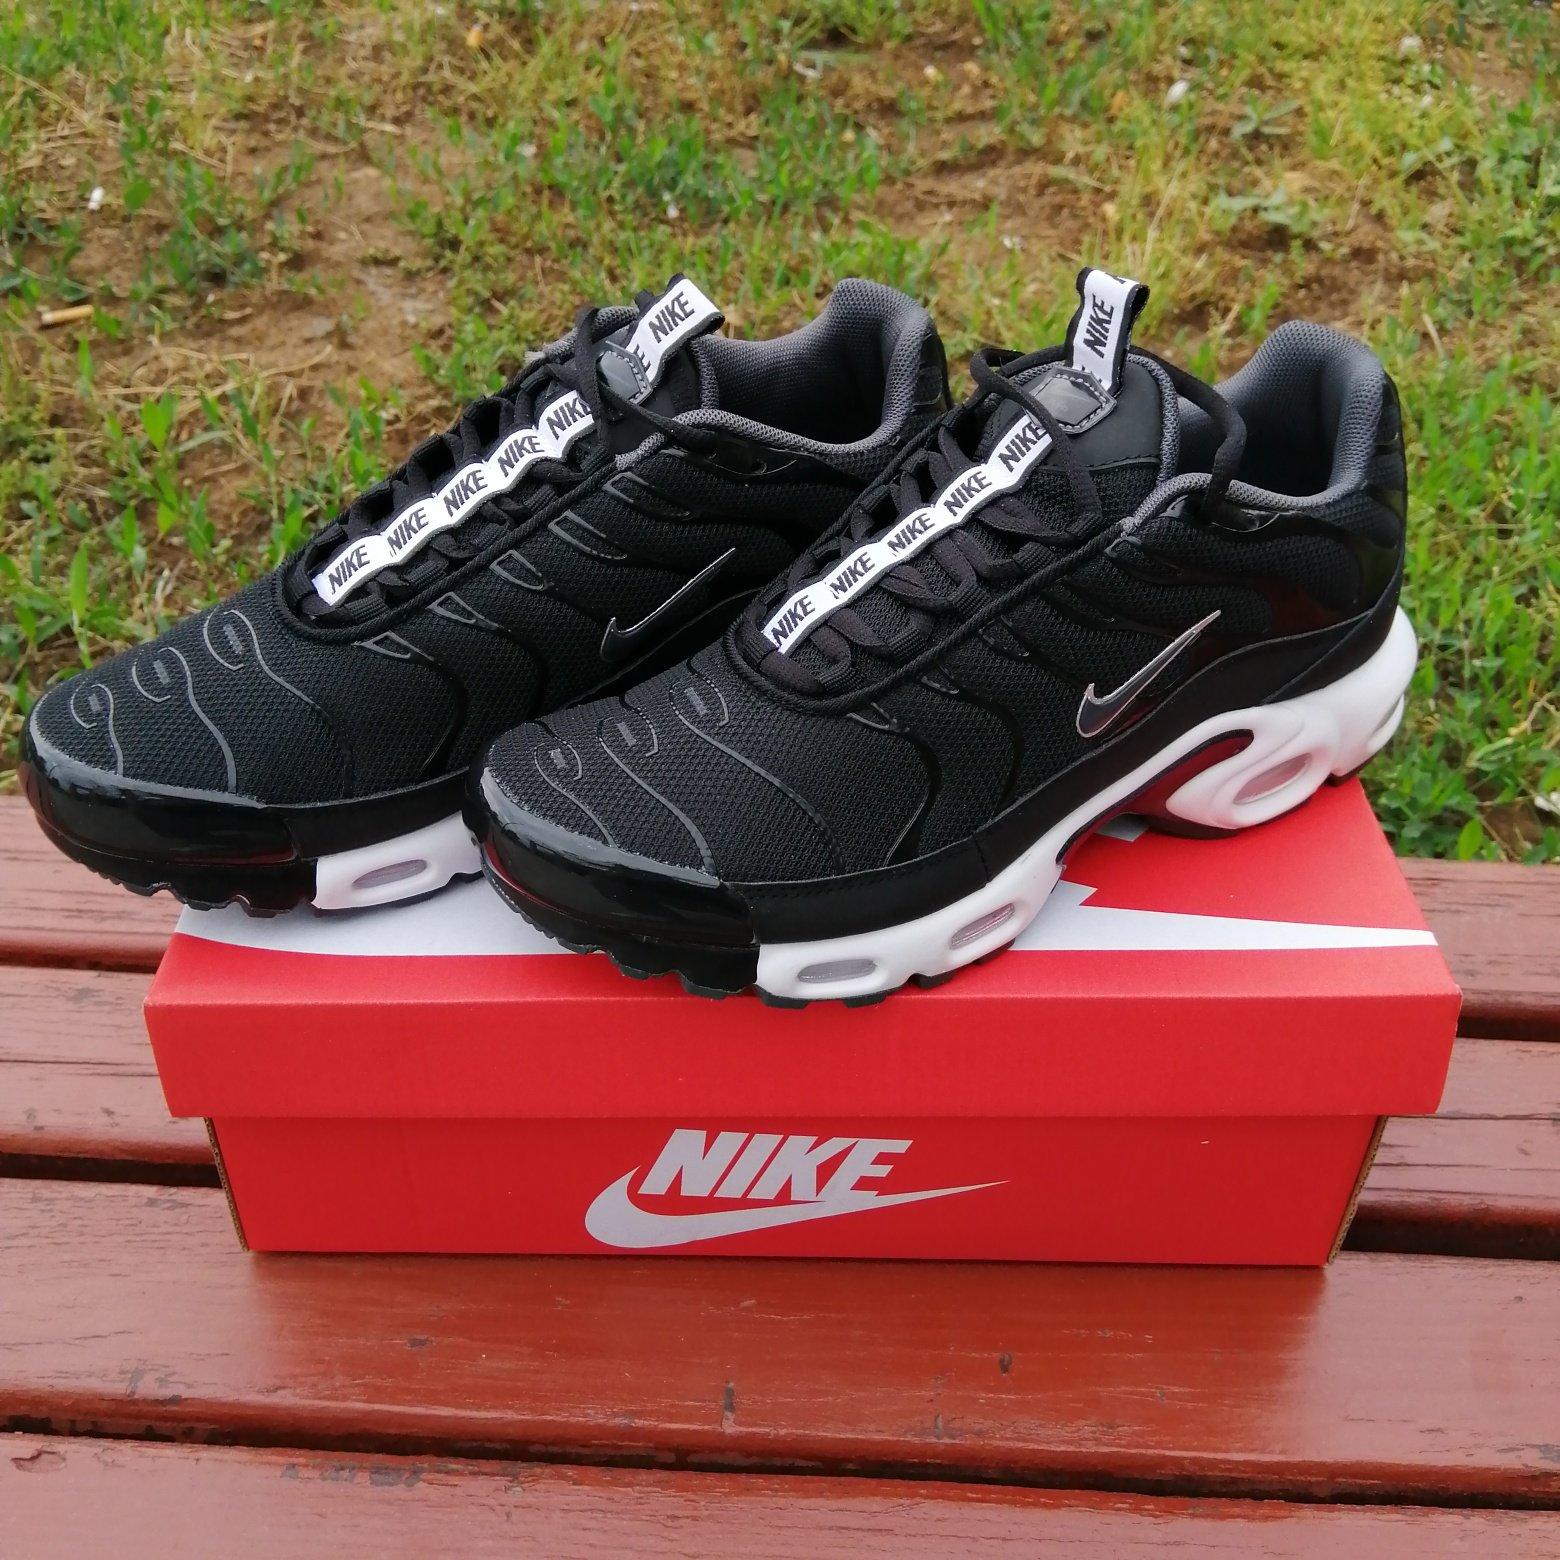 Nike Air Max Plus   Nike air max plus, Nike air max, Air